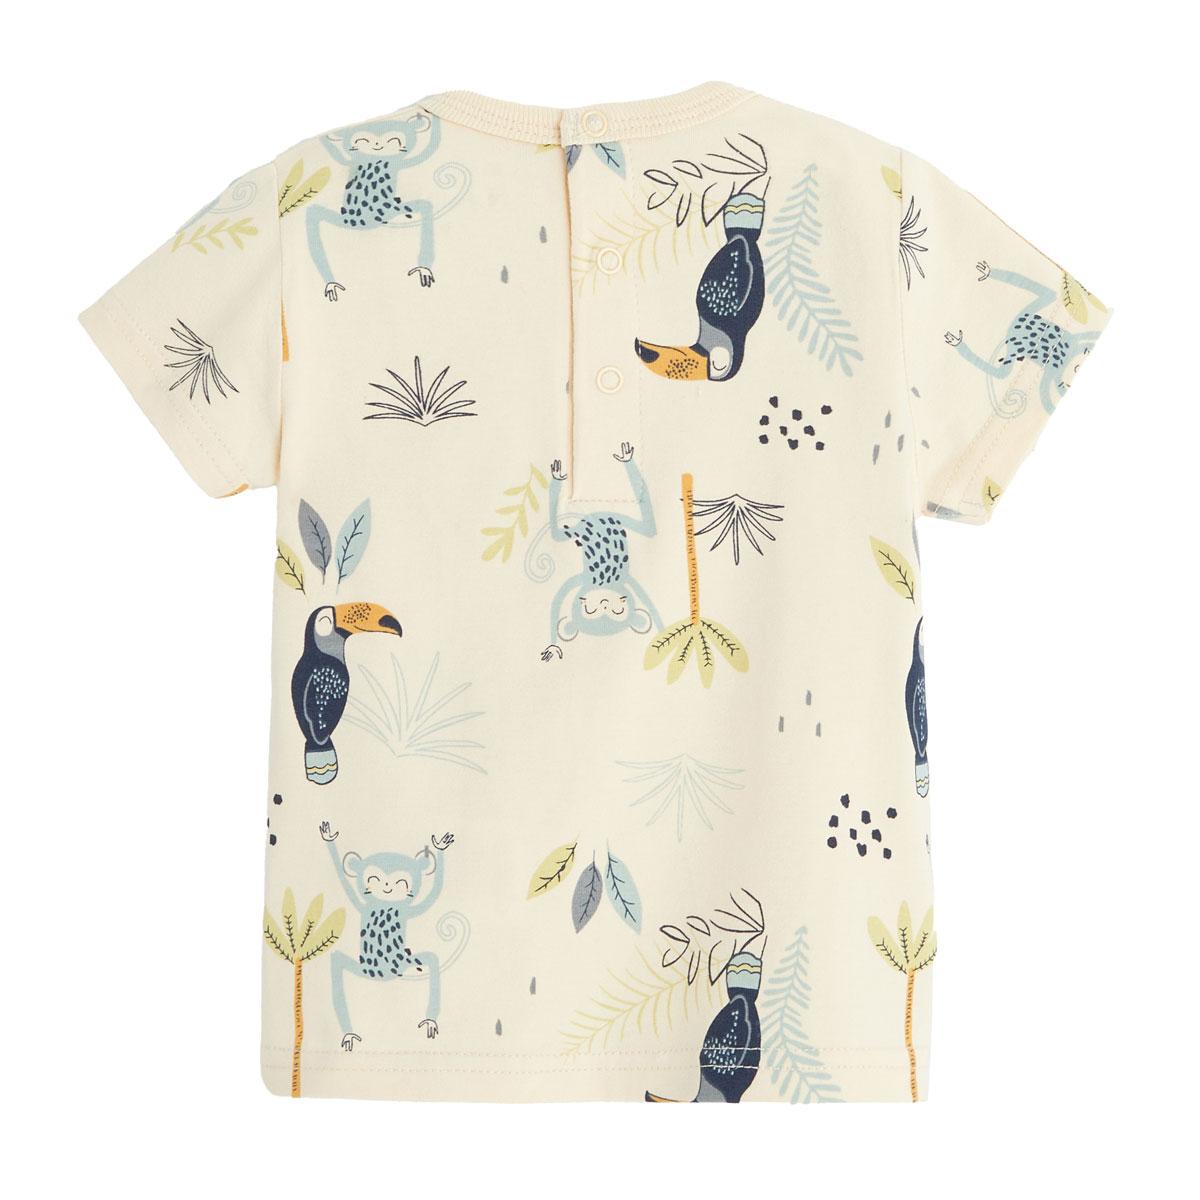 Salopette bébé garçon et t-shirt Aloha Havana dos